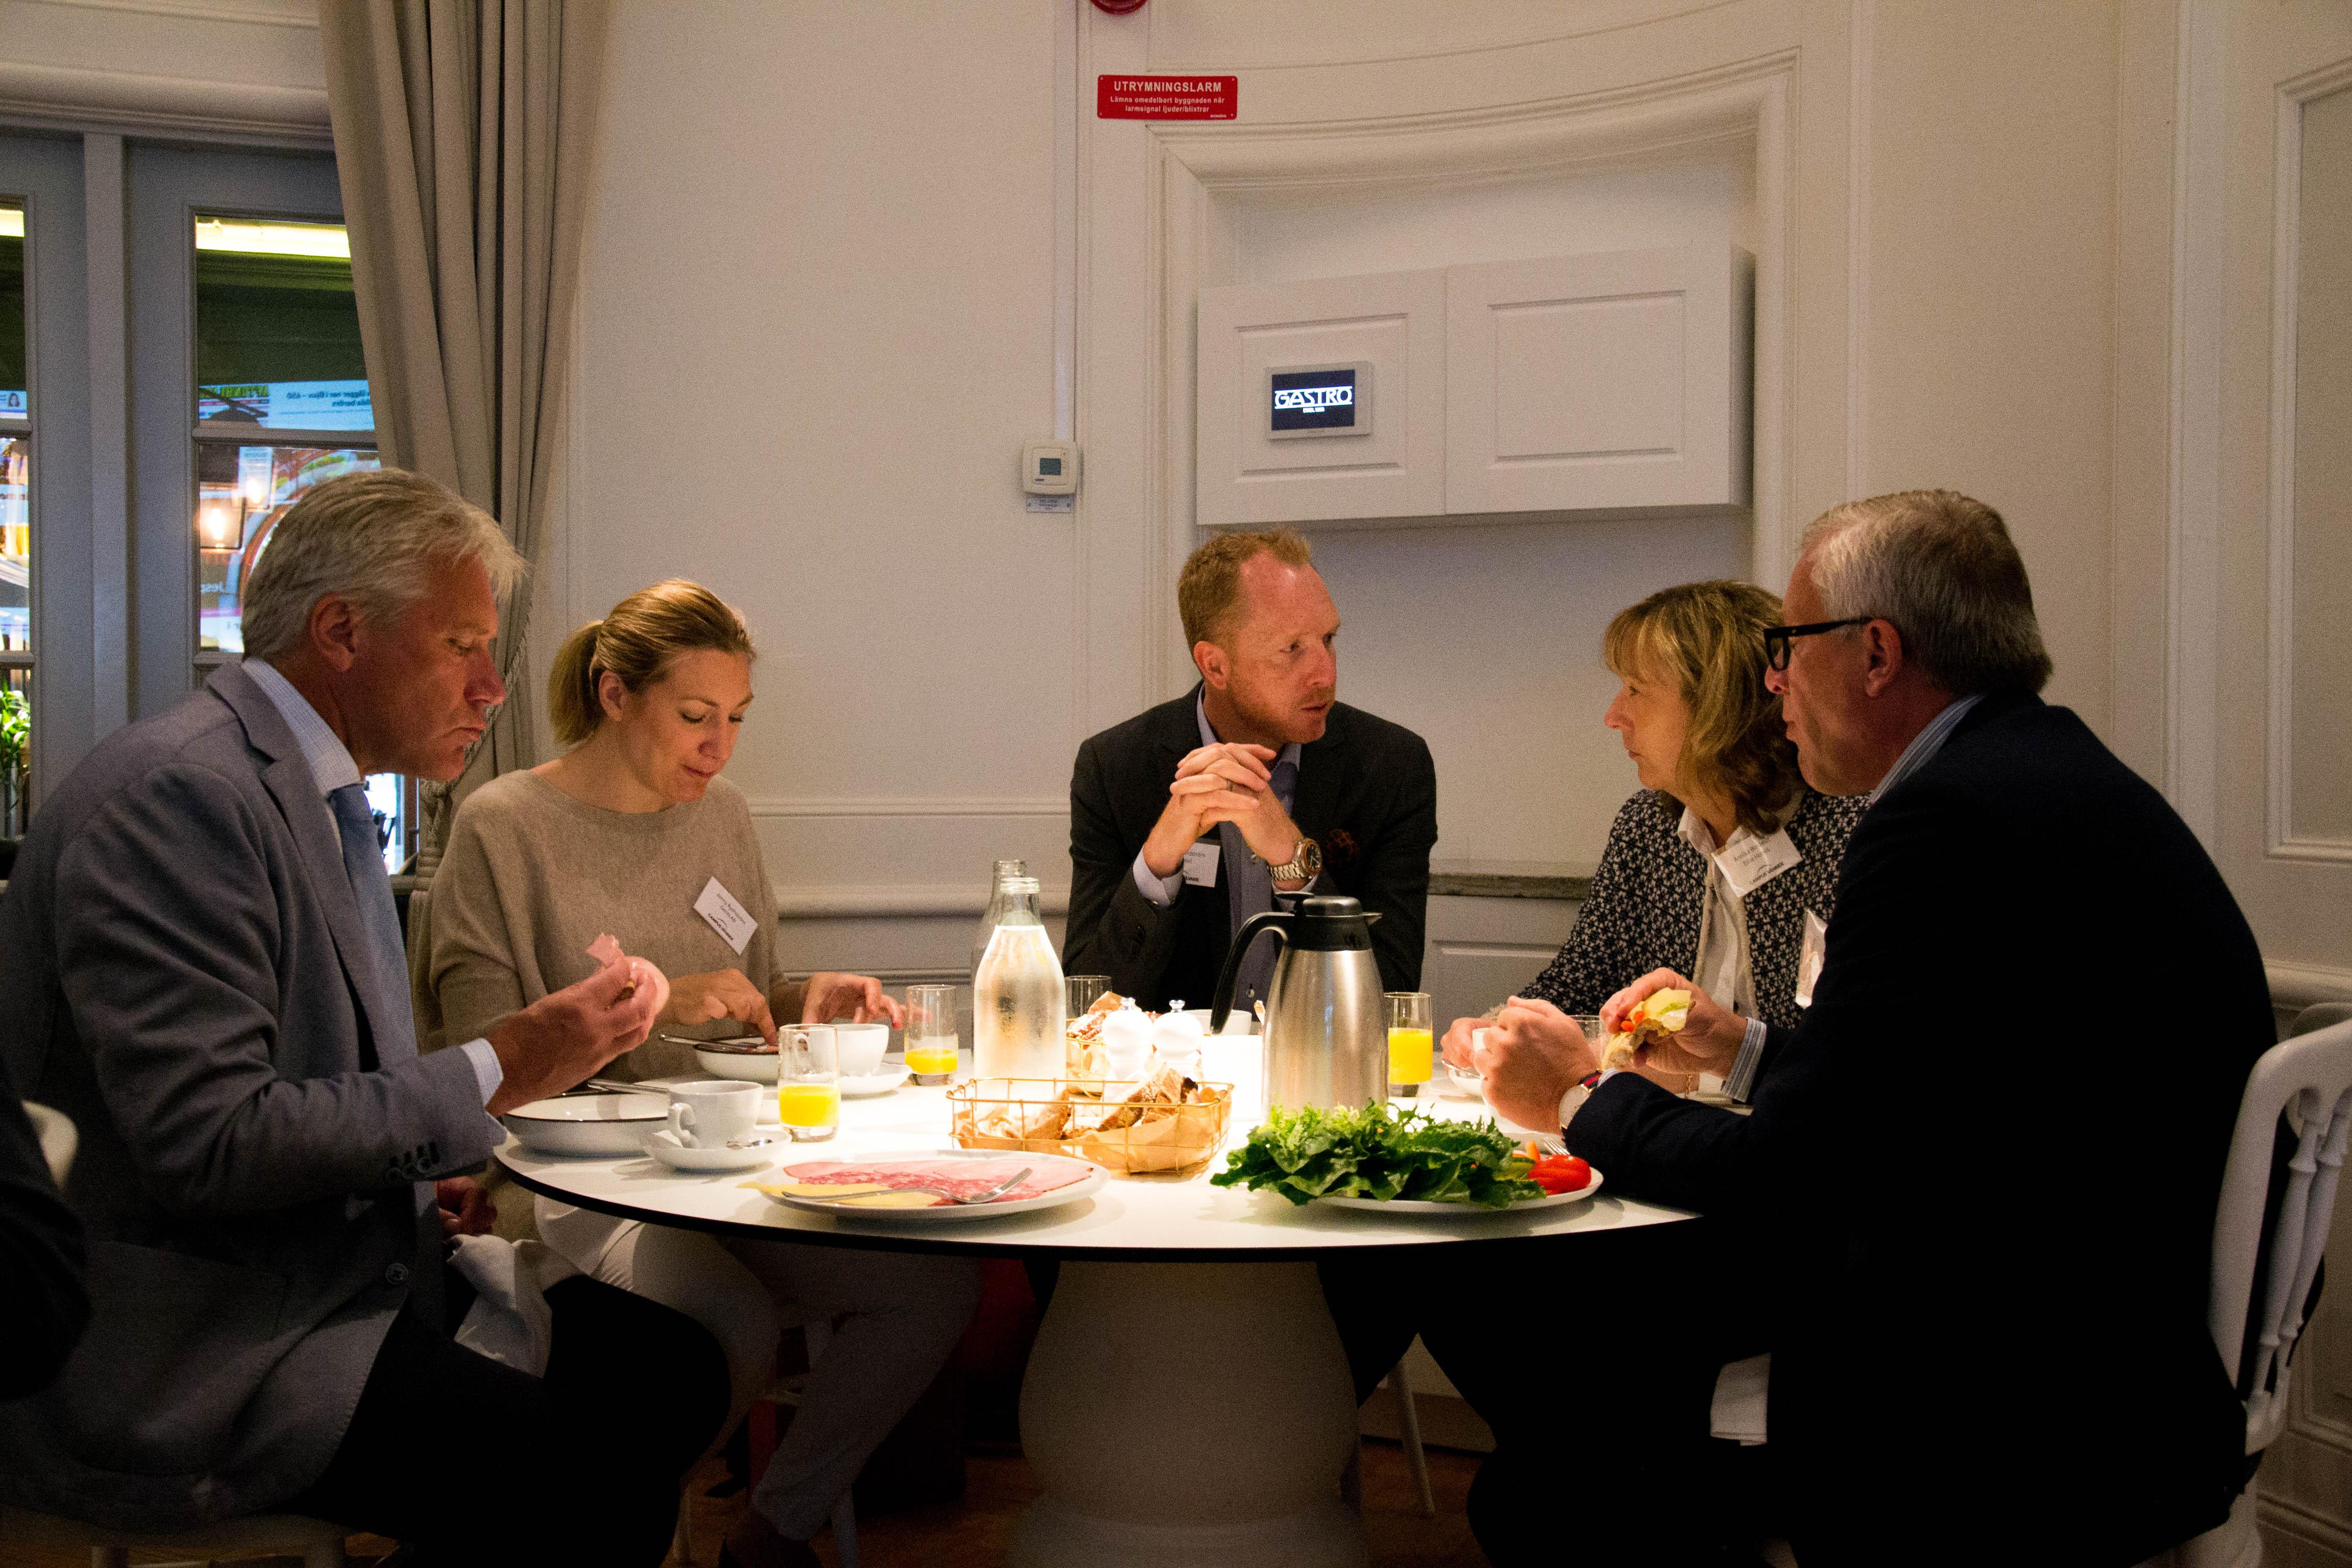 Frukostmöte med kollegor